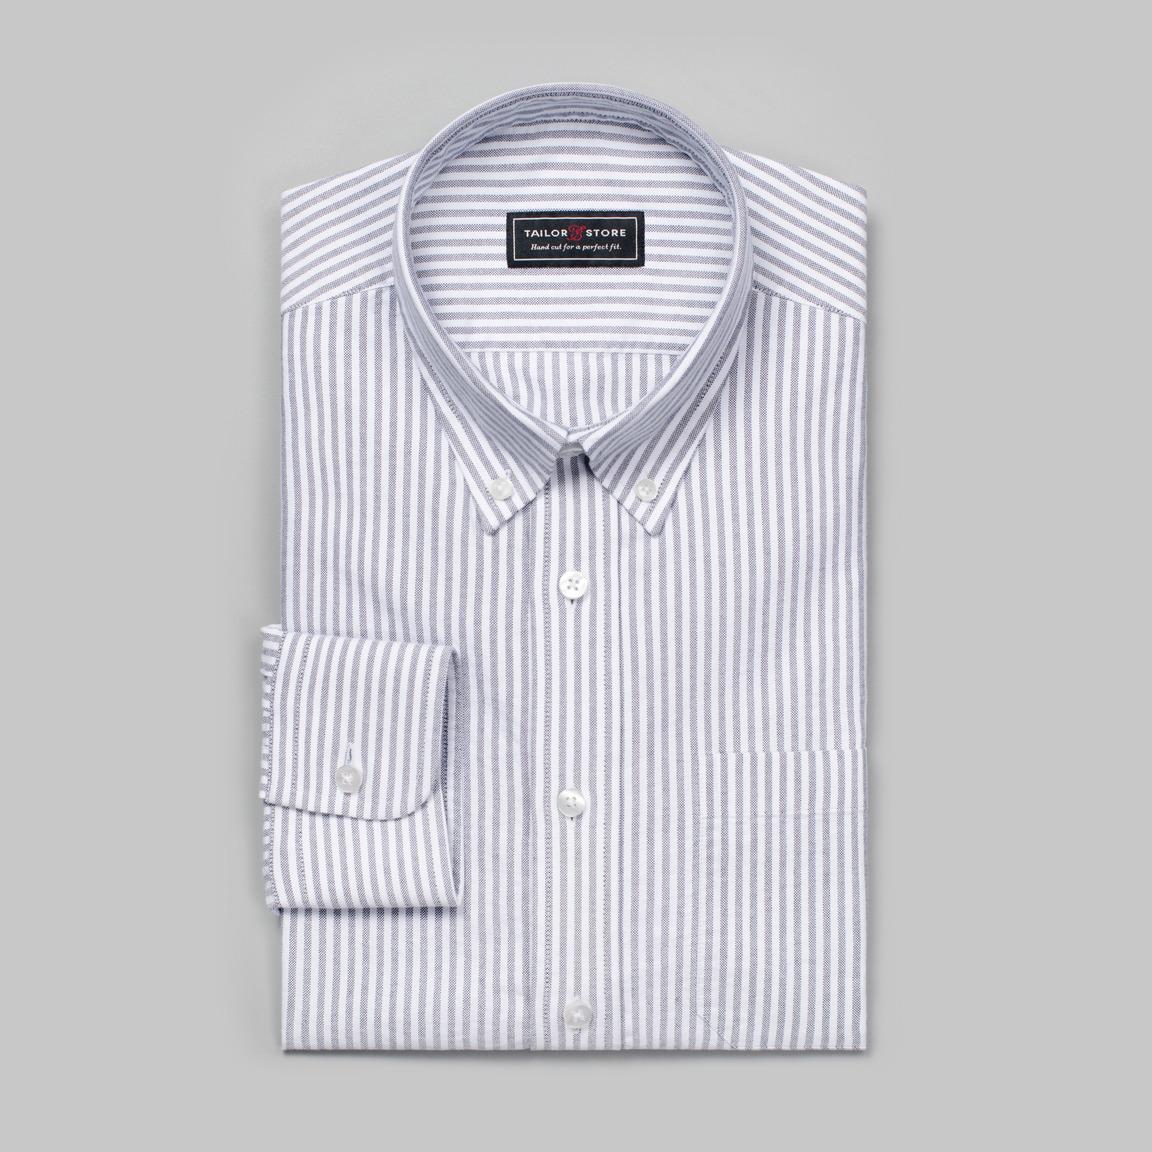 Hvit/Svartstripet oxford-skjorte